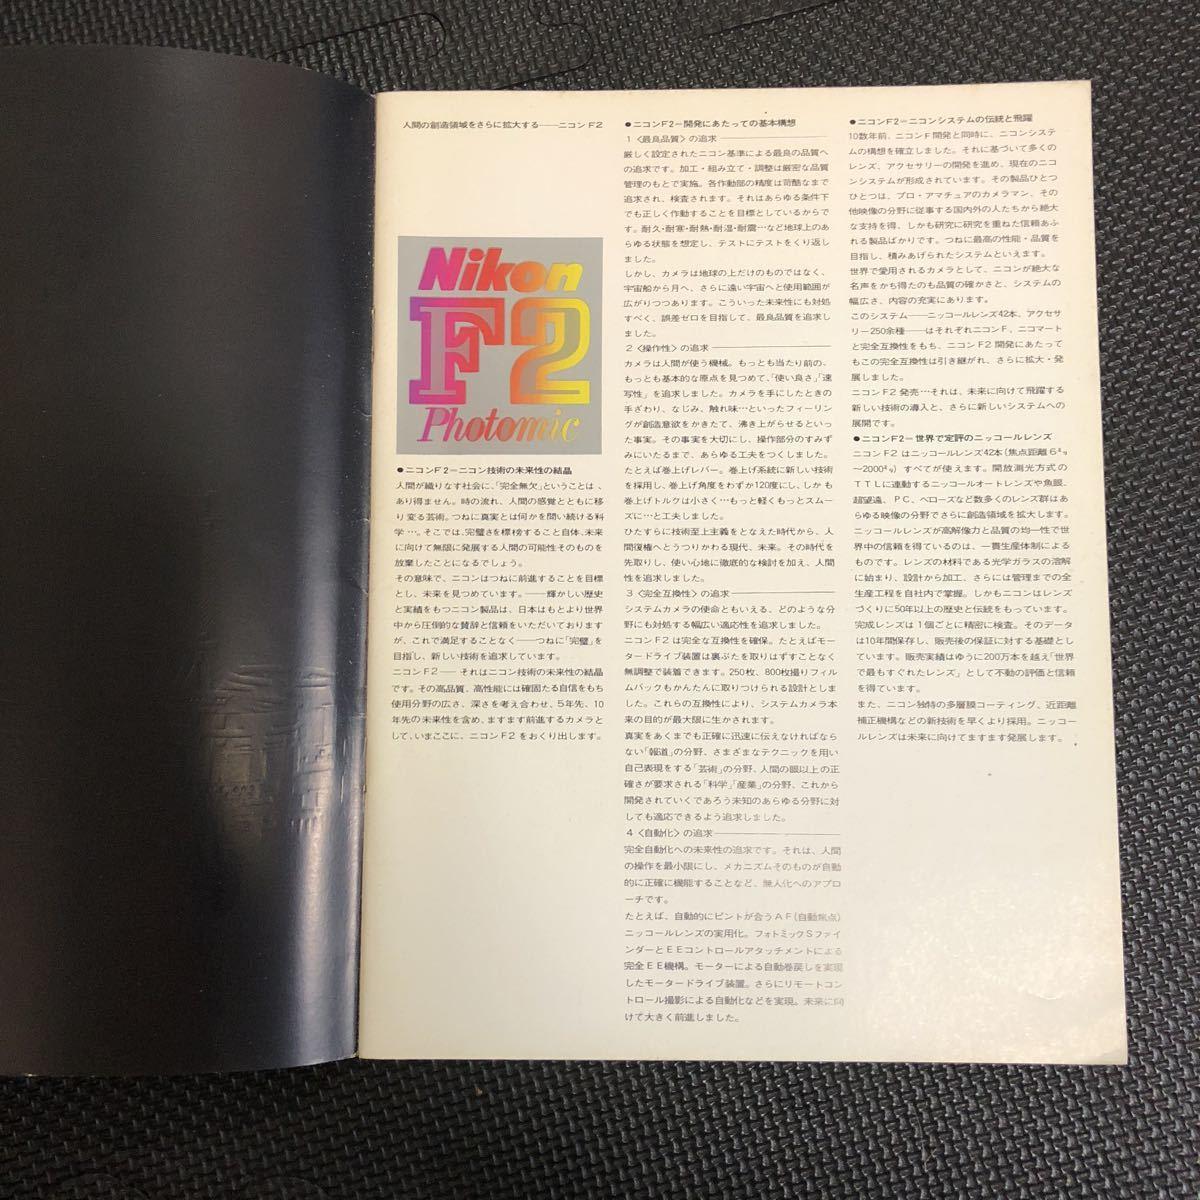 ニコン NIKON F2 photomic カタログ 当時物_画像2